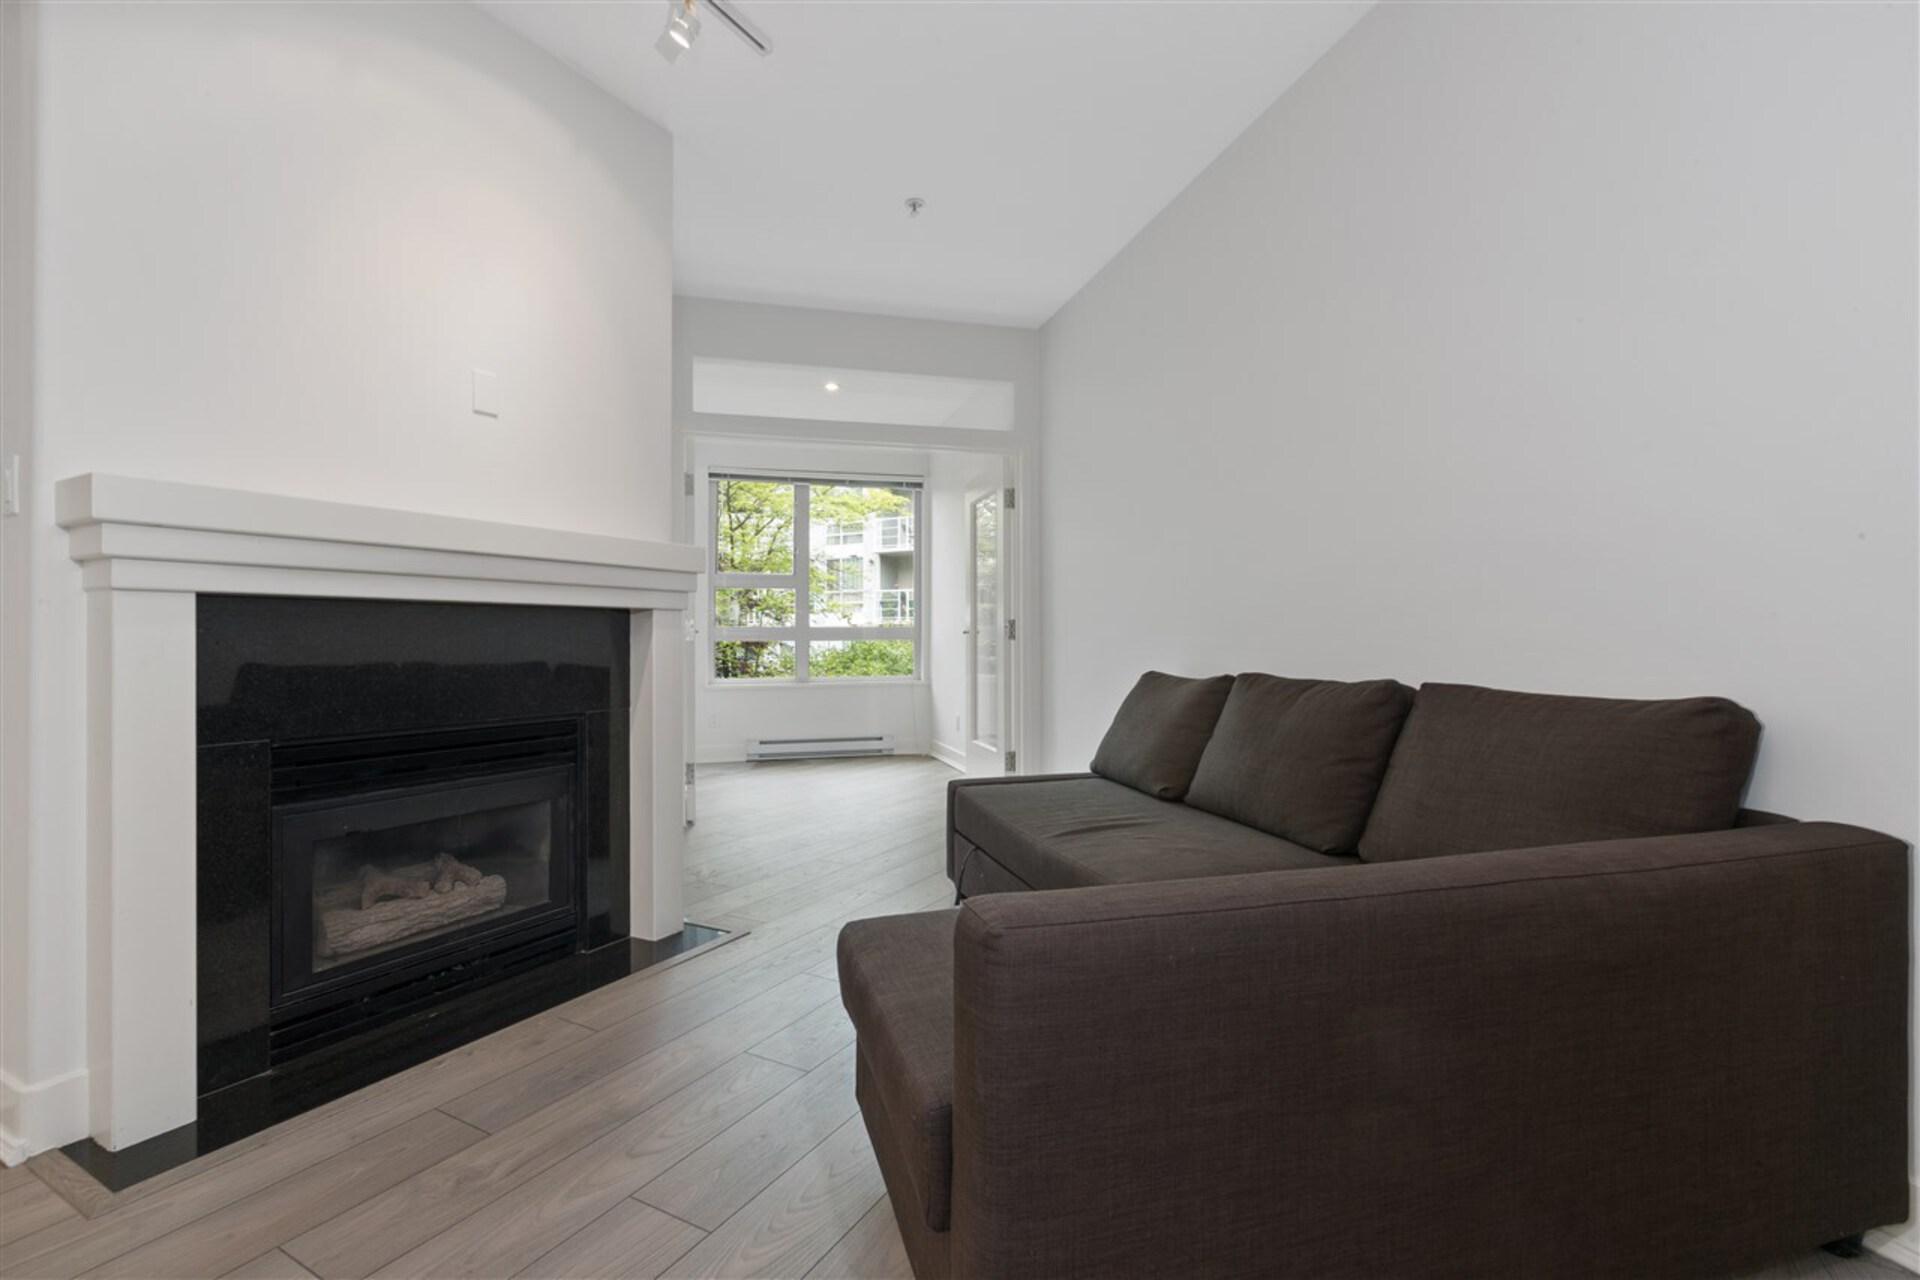 1823-w-7th-avenue-kitsilano-vancouver-west-10 at 115 - 1823 W 7th Avenue, Kitsilano, Vancouver West